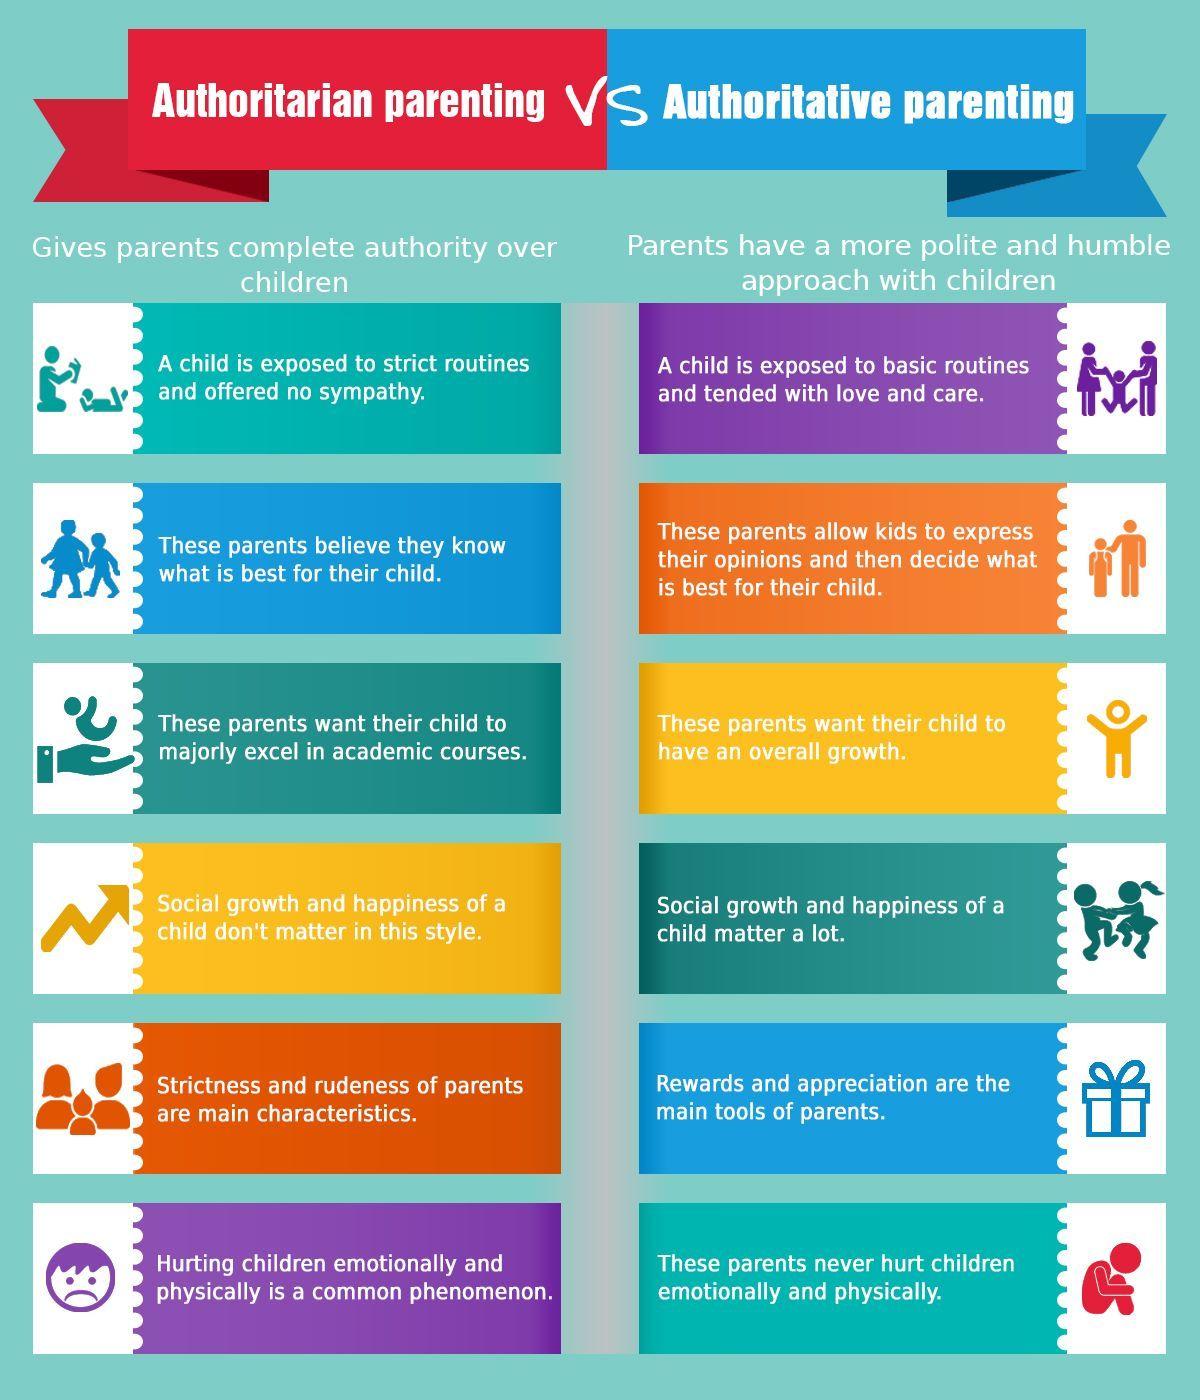 Authoritarian Parenting Vs Authoritative Parenting